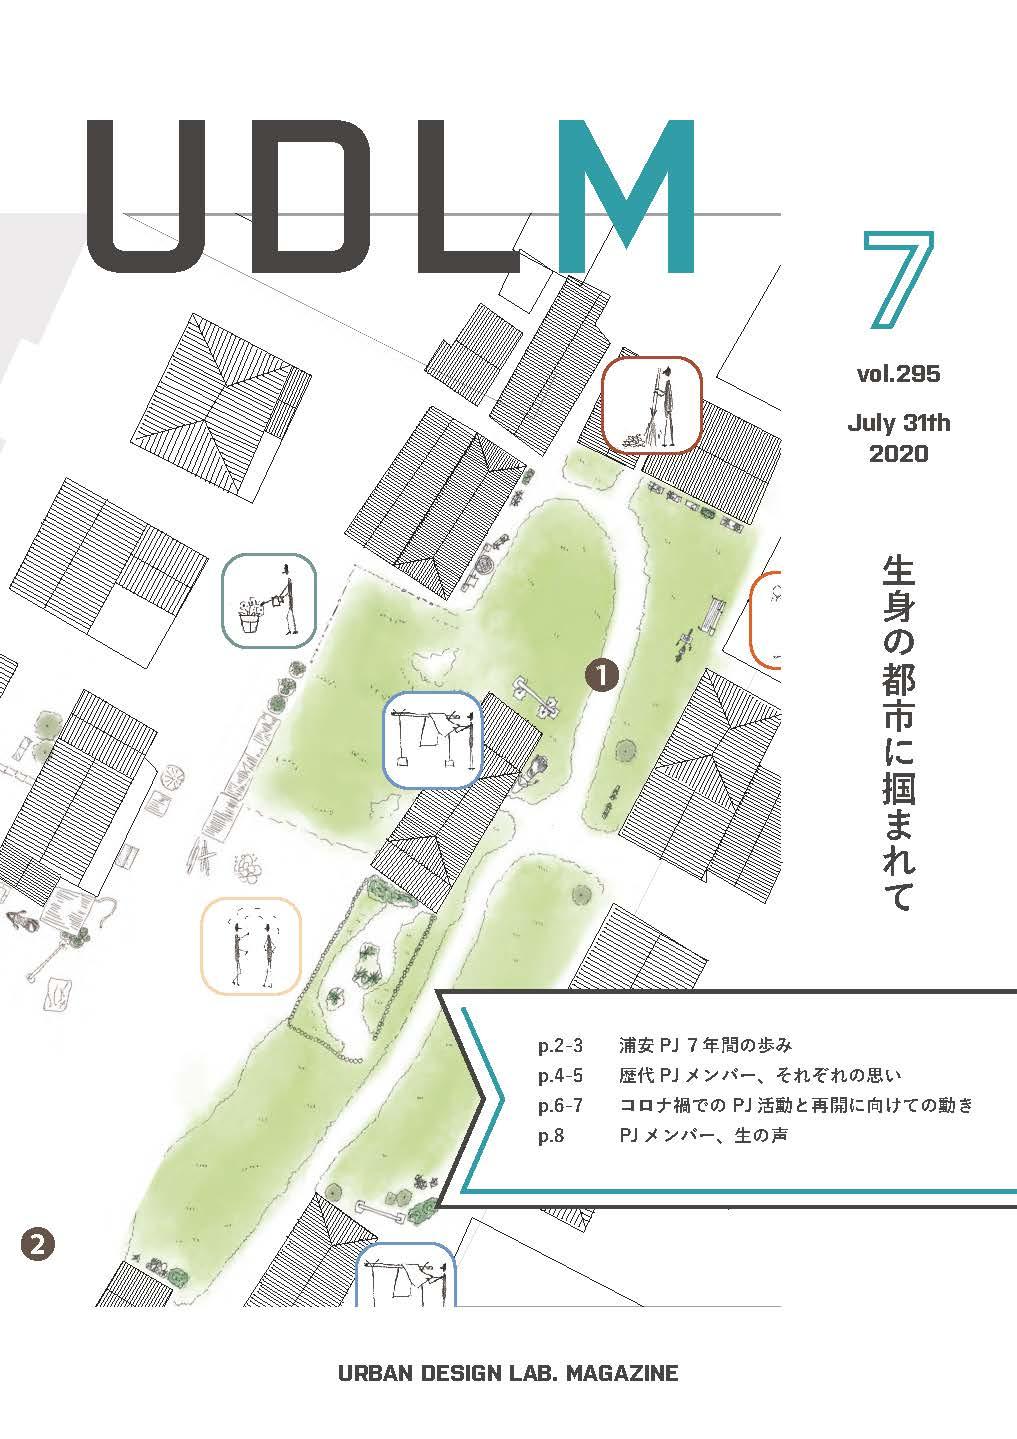 http://ud.t.u-tokyo.ac.jp/blog/_images/295.jpg